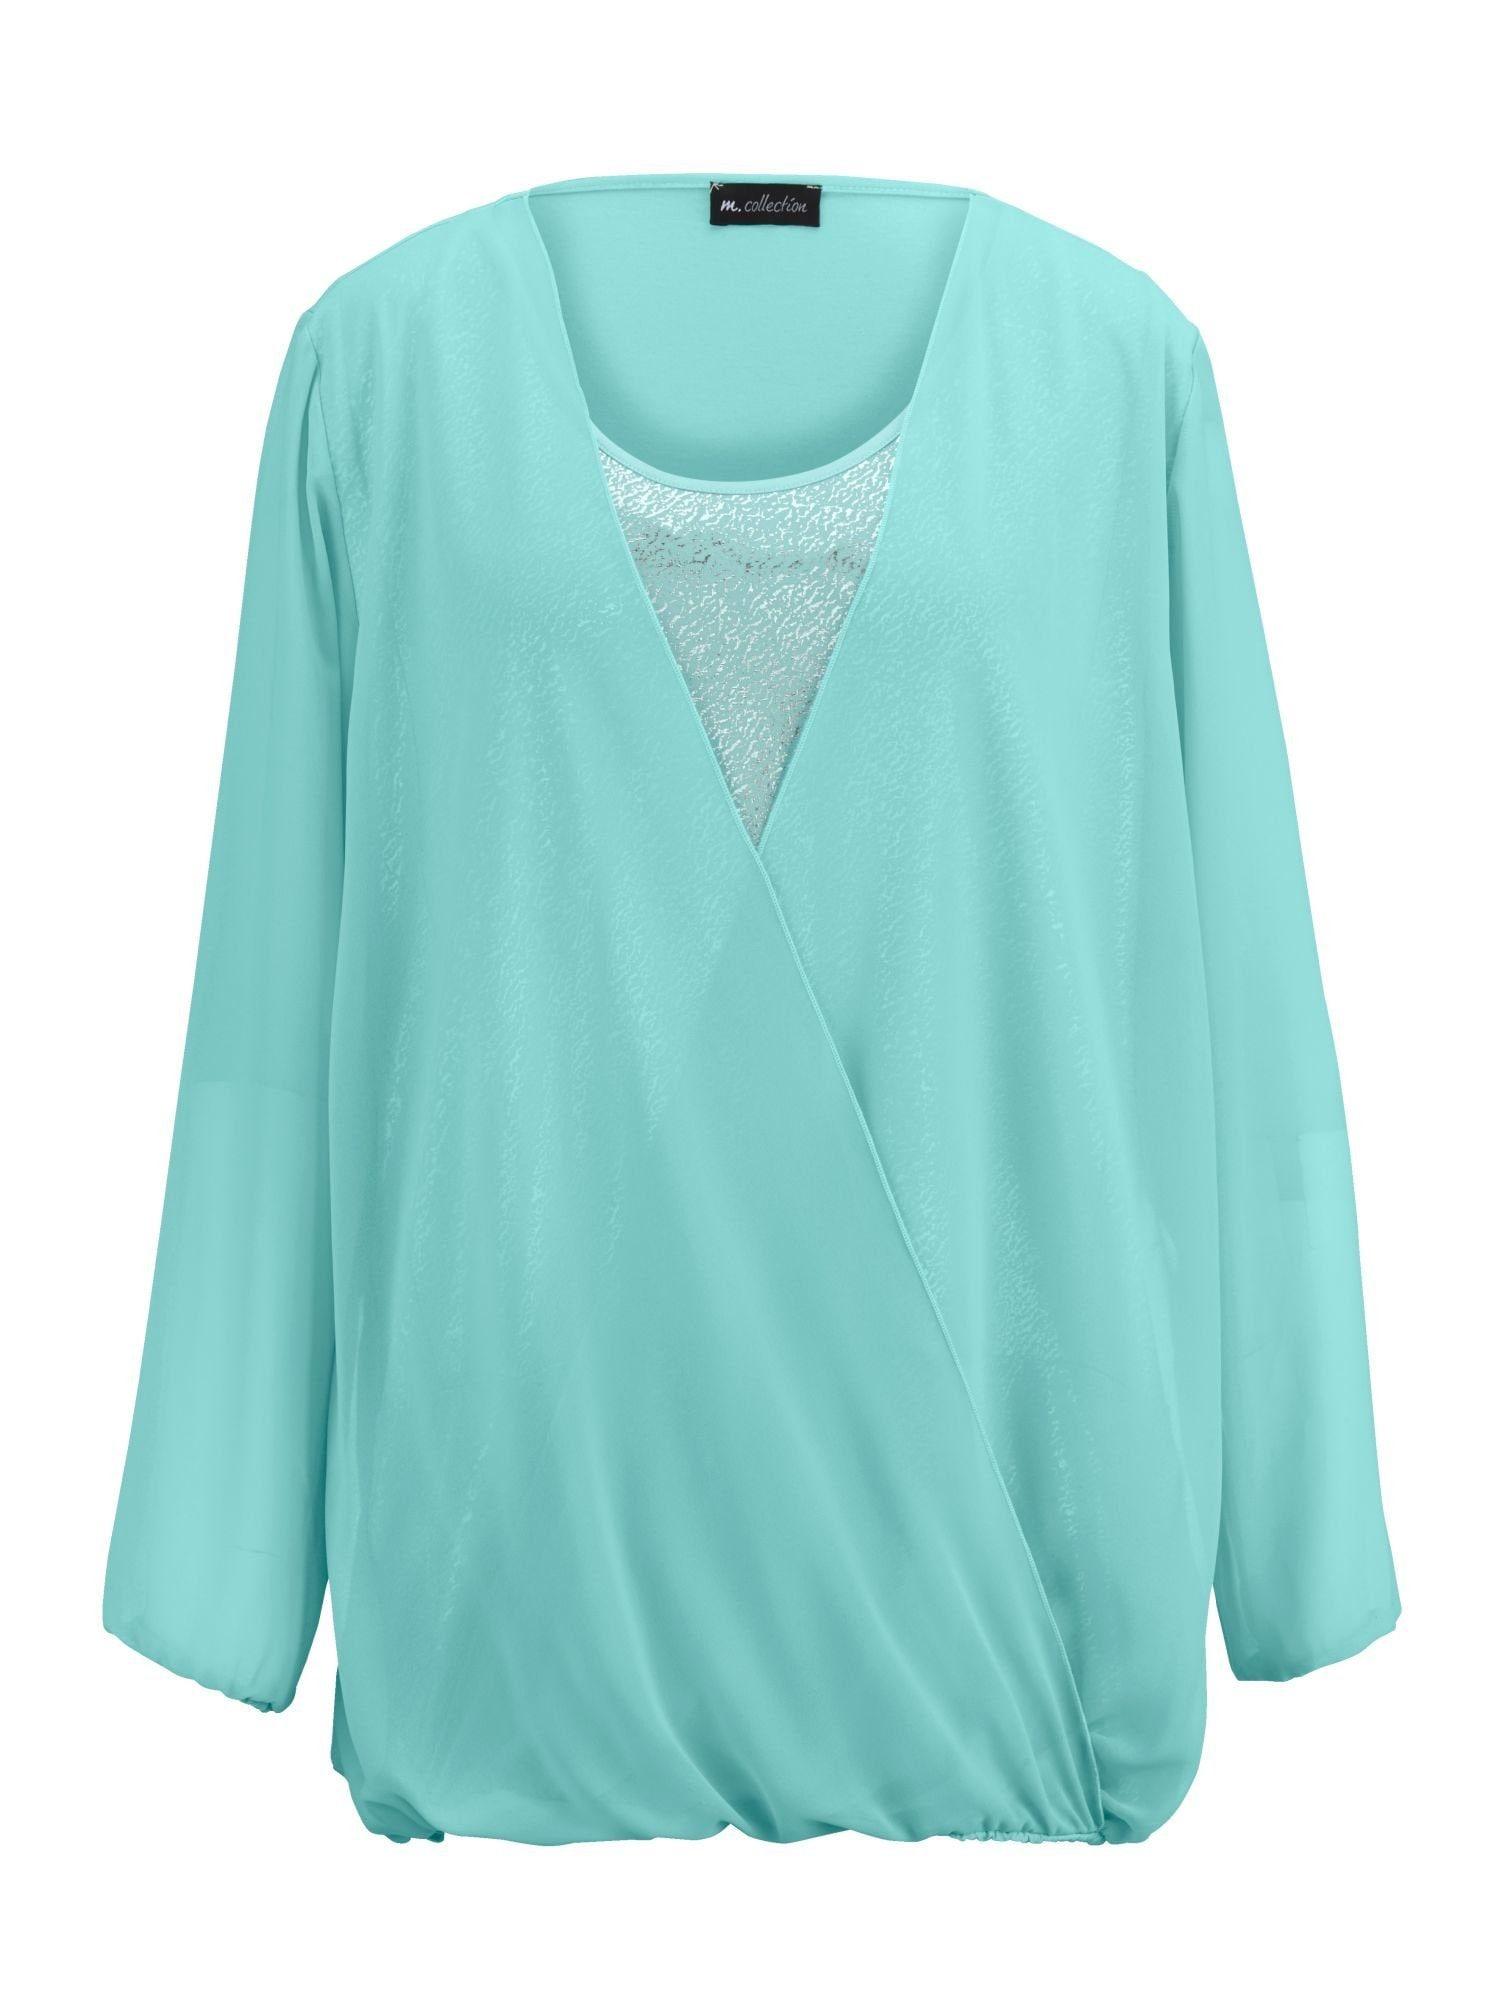 m. collection Blusenshirt mit Wickeloptik | Bekleidung > Shirts > Blusenshirts | M. Collection